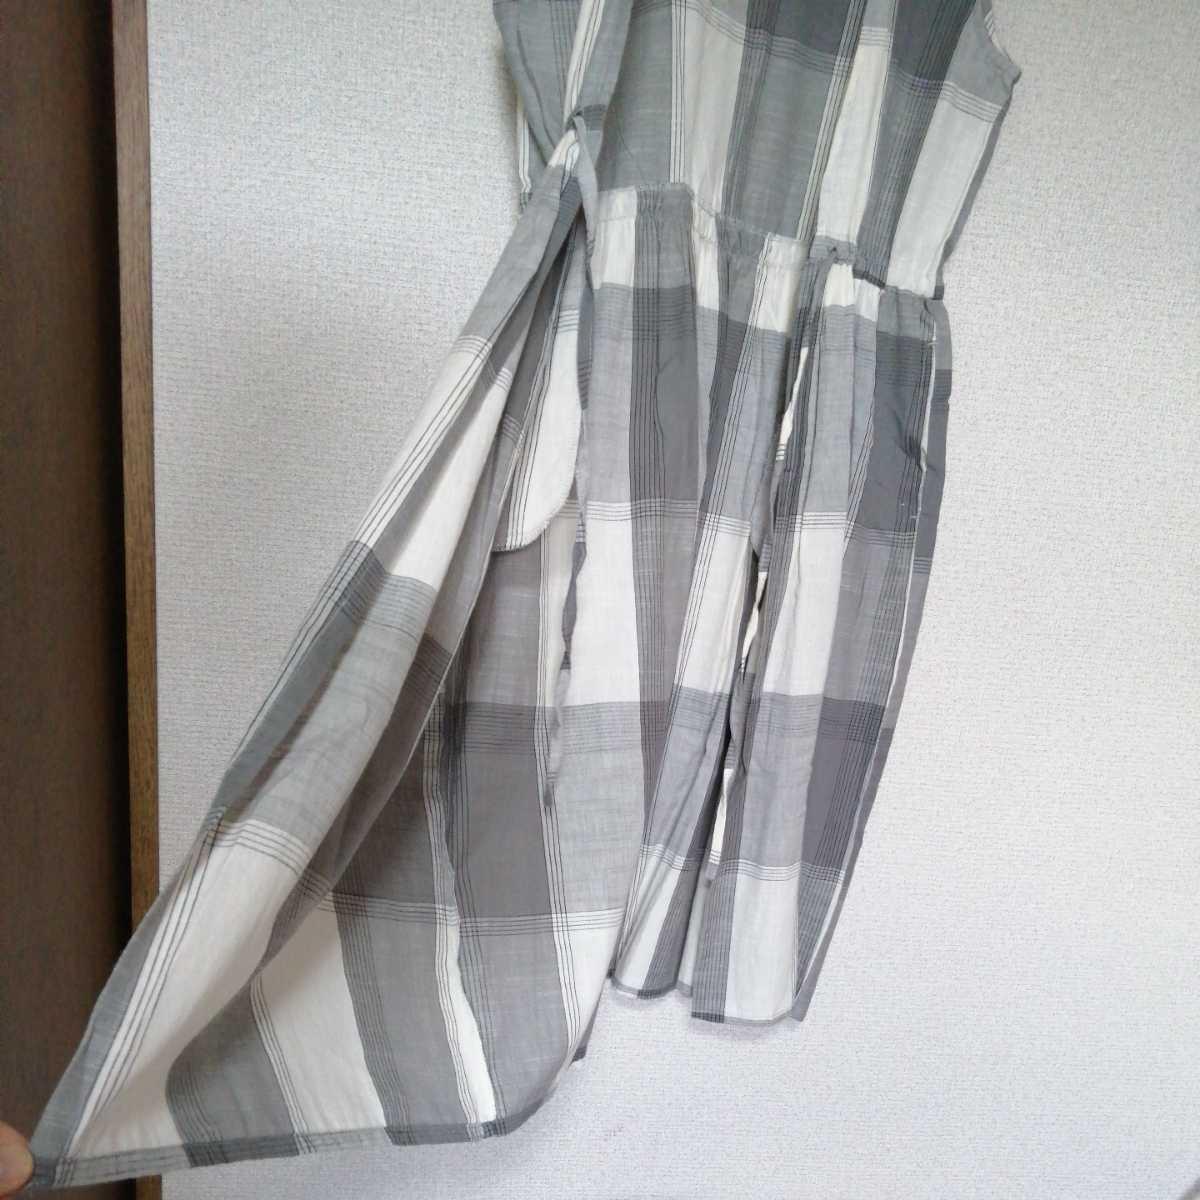 ノースリーブロングワンピース ロングカットソー M~Lサイズ 着丈106cm 綿100%